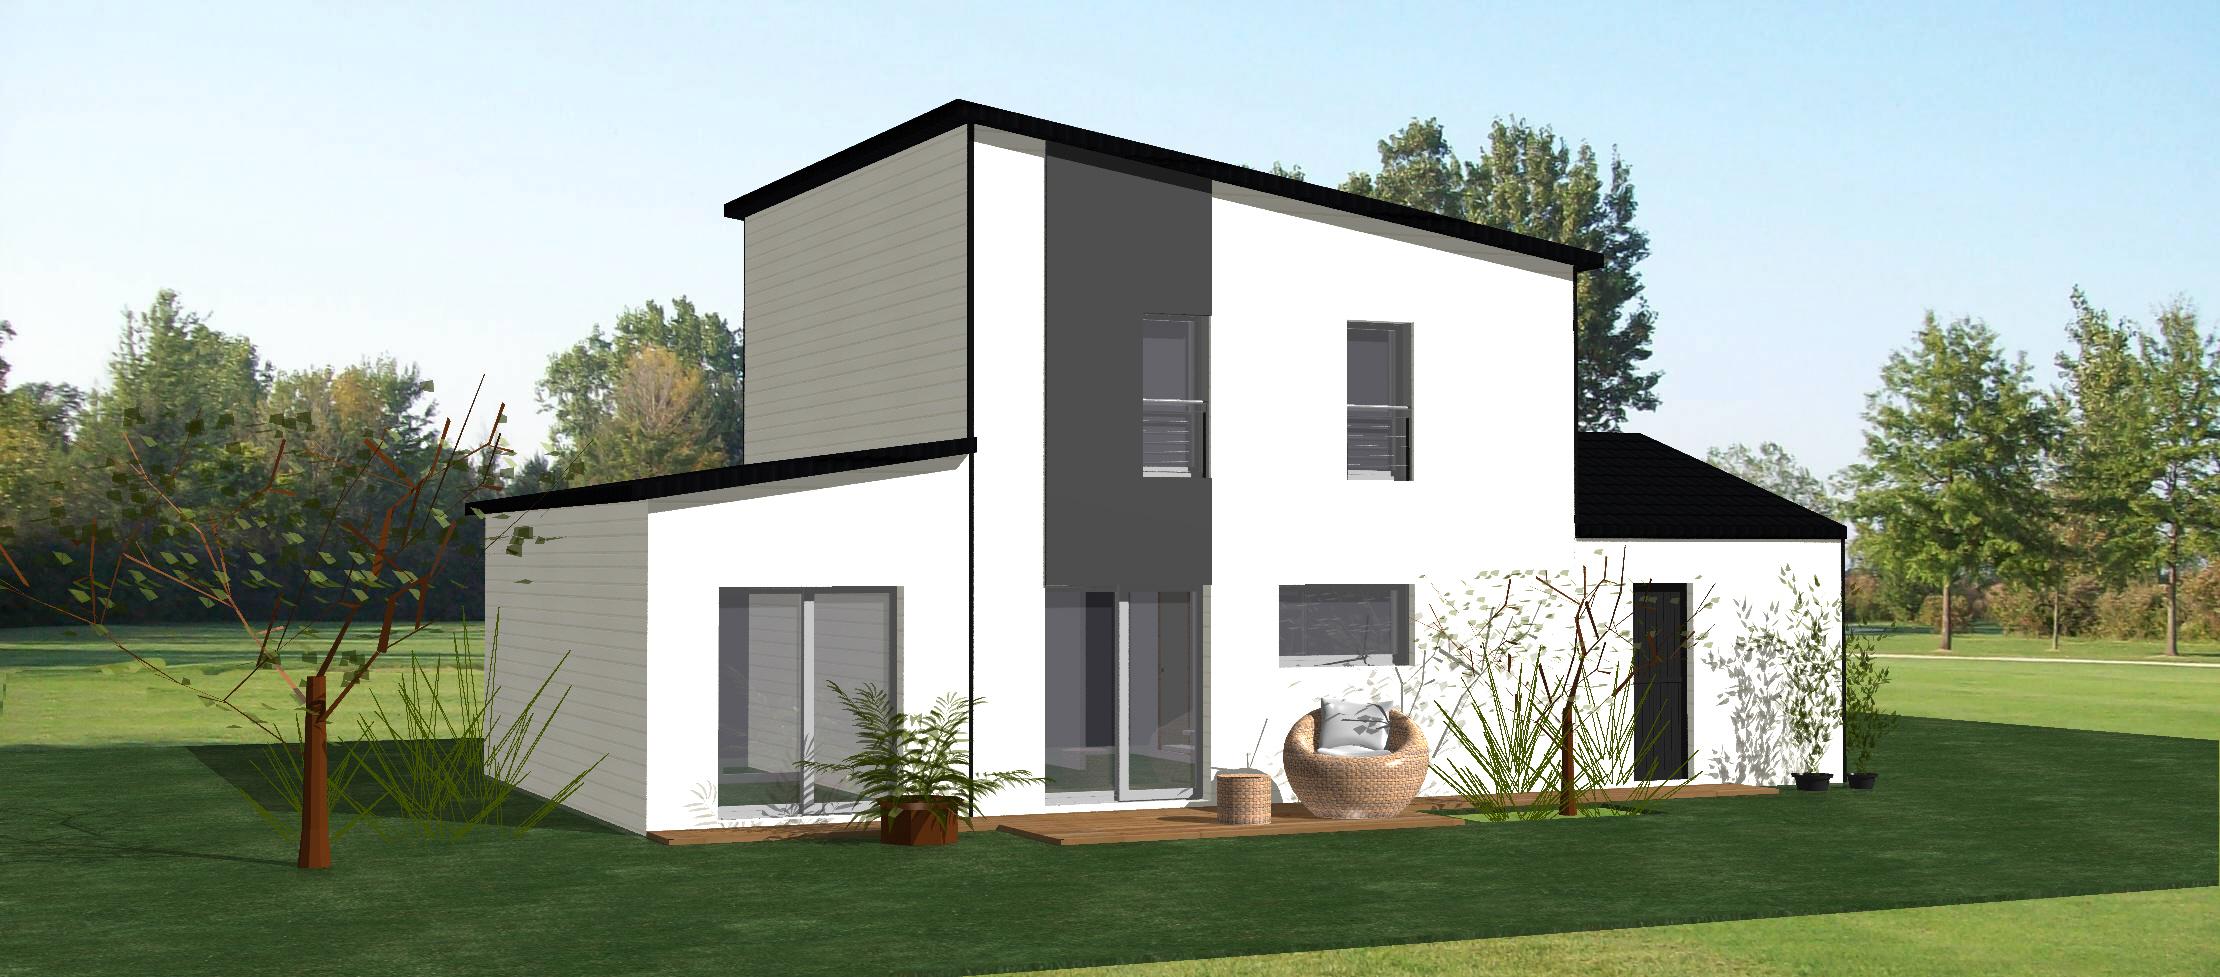 Vente maison chatelaillon 116m terrain 442m delrieu for Construction terrain